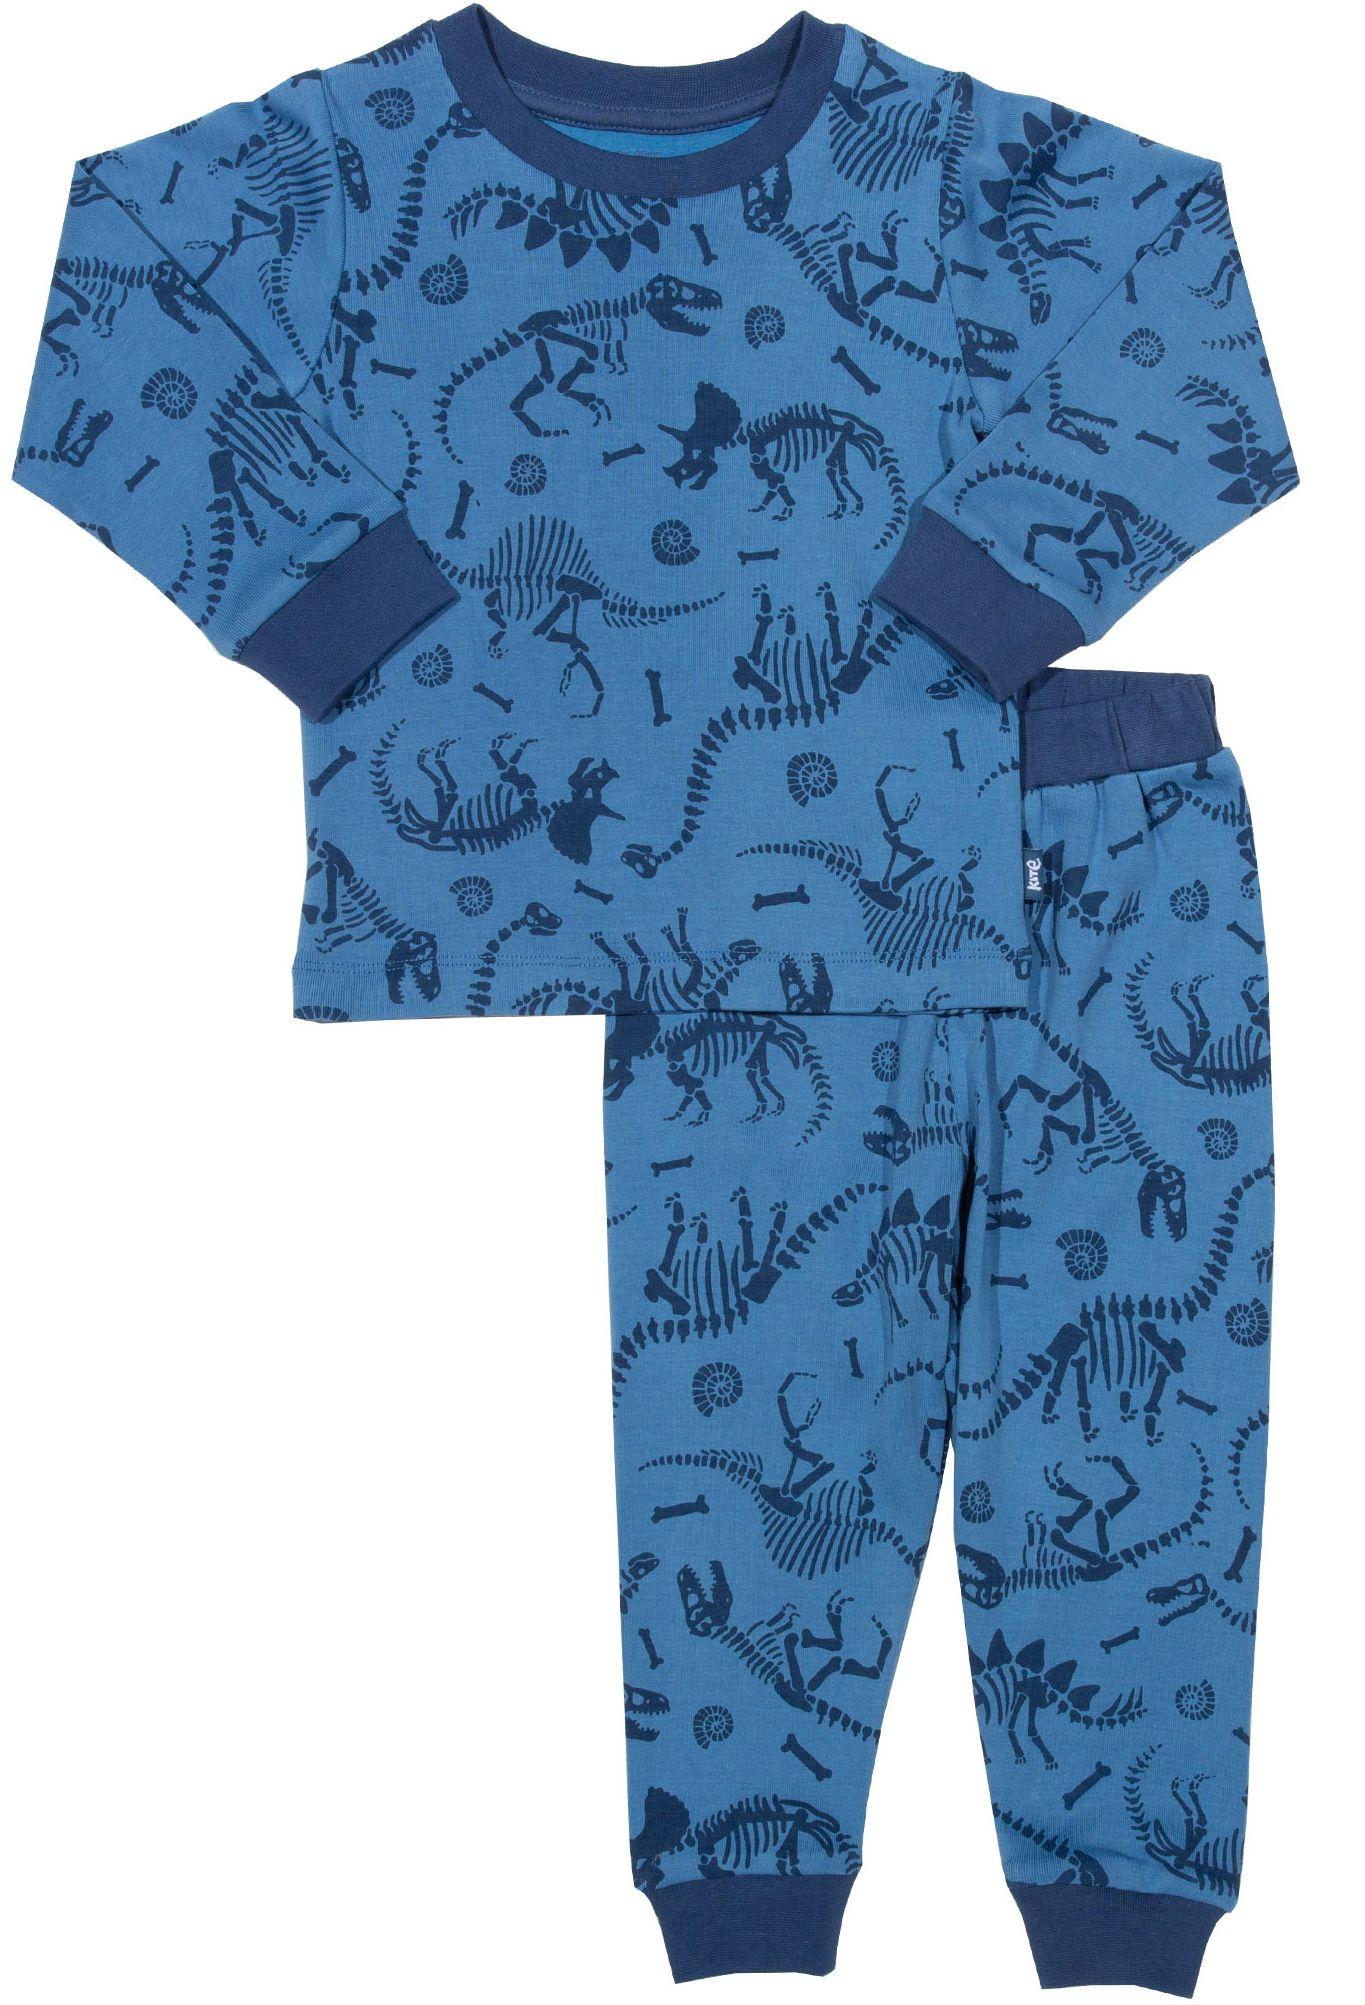 Zweiteiliger Schlafanzug für Kinder mit Dino-Muster